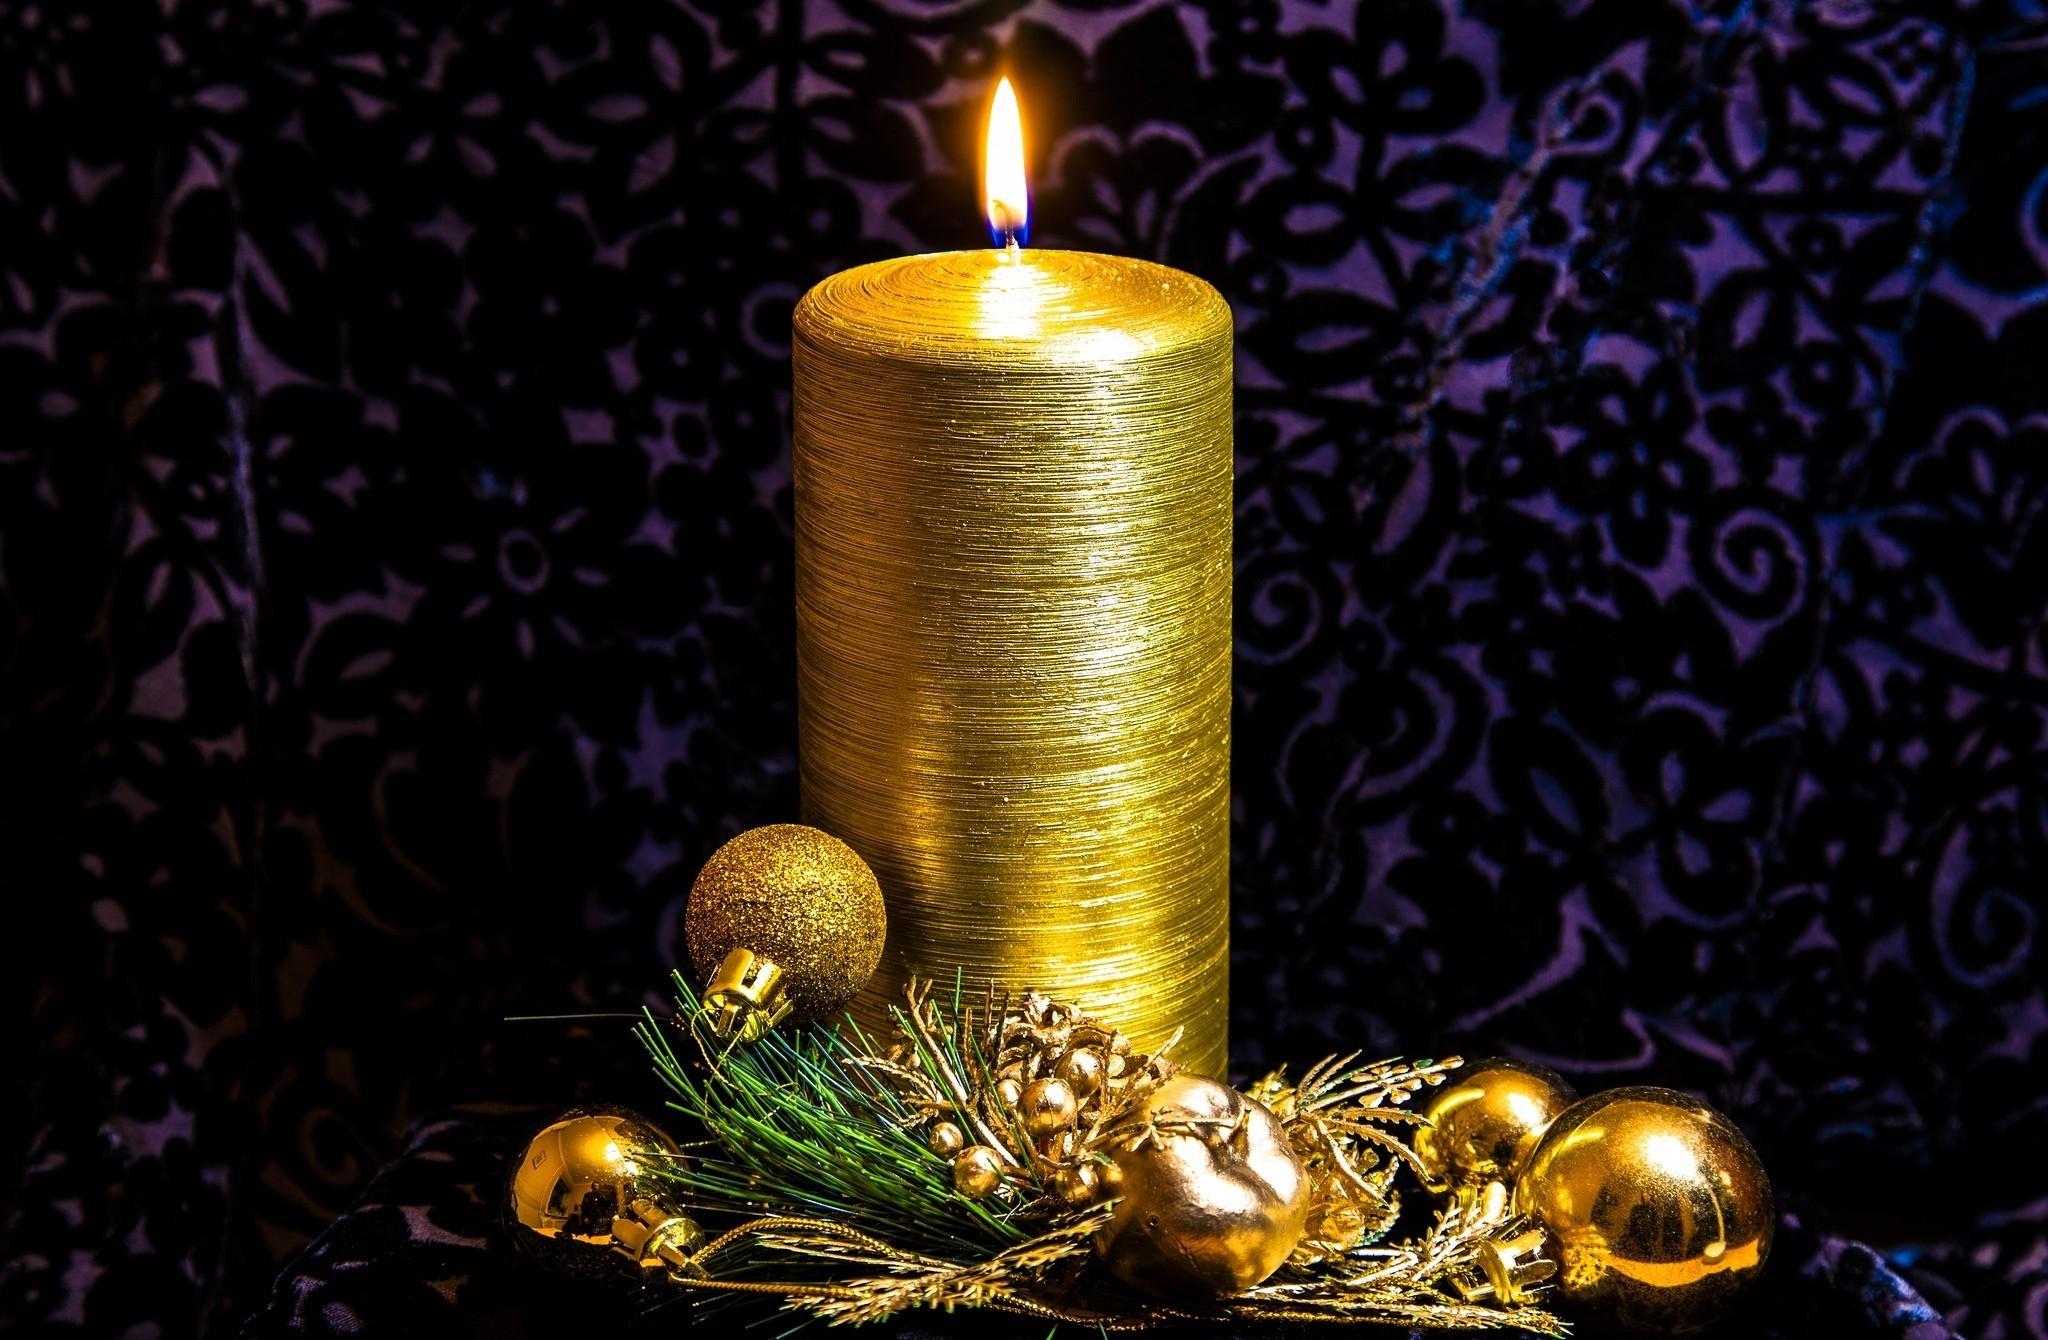 128145 Hintergrundbild herunterladen Feiertage, Nadeln, Spielzeug, Gold-, Kerze - Bildschirmschoner und Bilder kostenlos